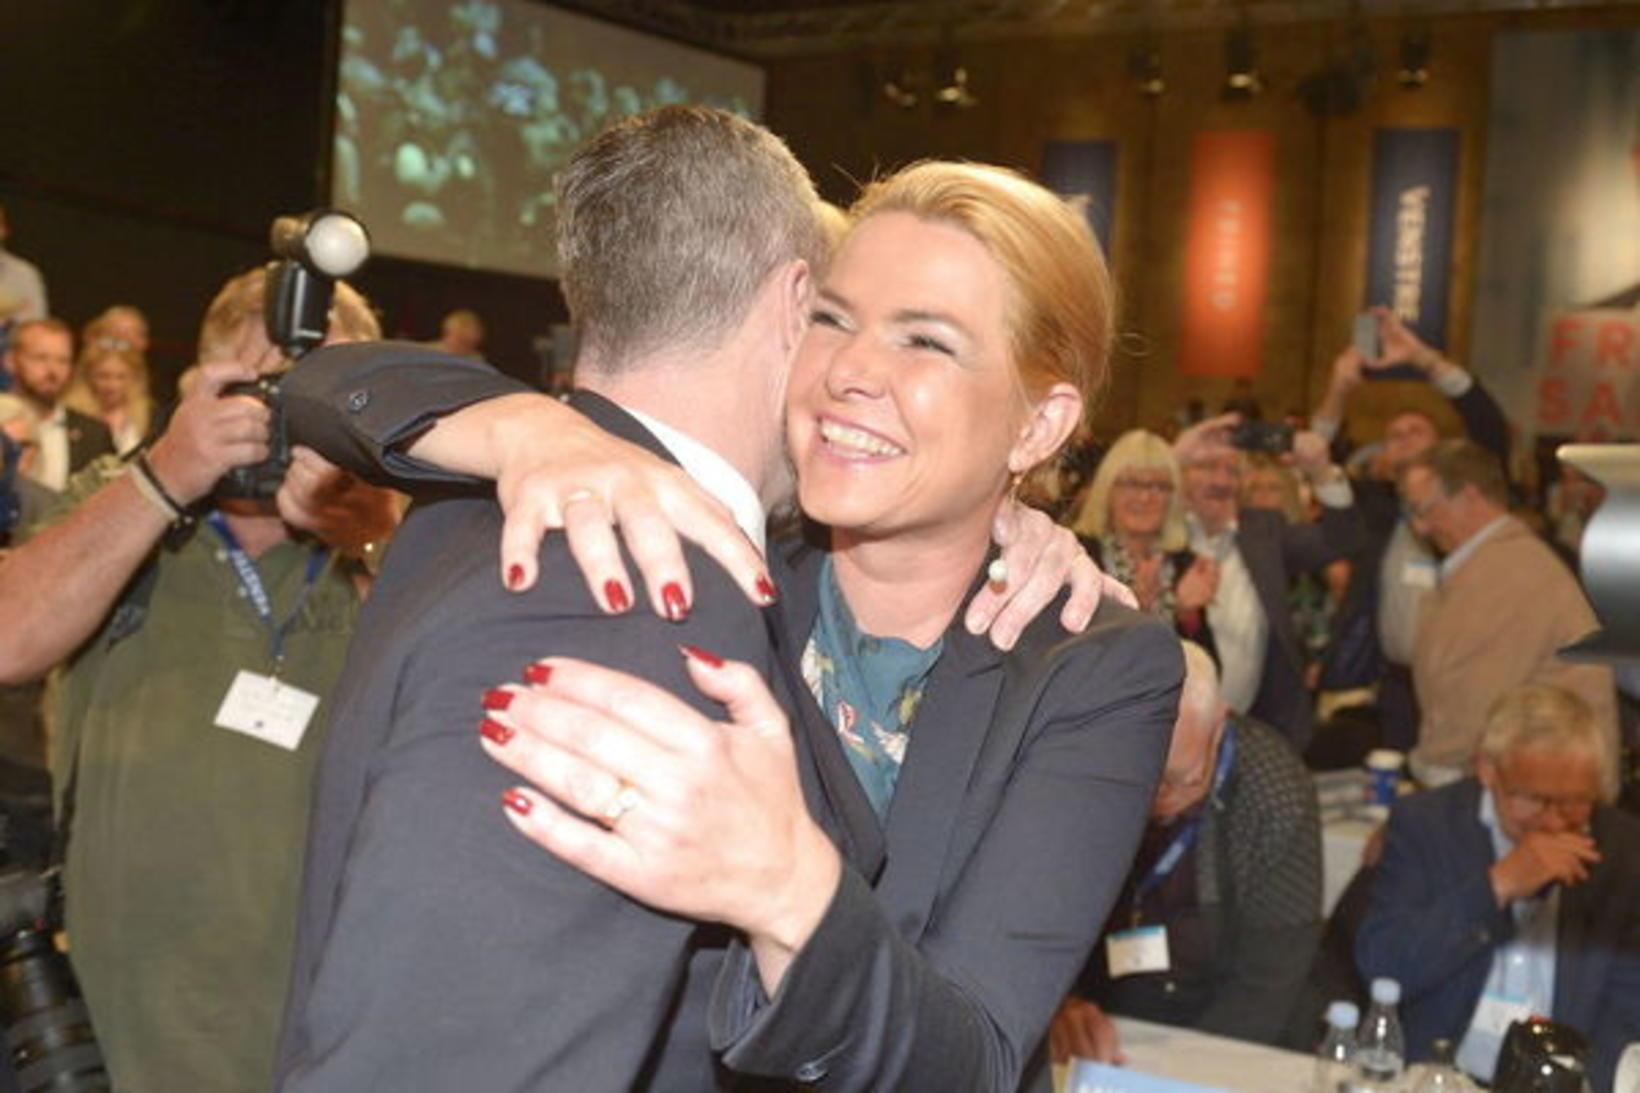 Inger Støjberg var kjörin varaformaður Venstre á landsfundi flokksins í ...